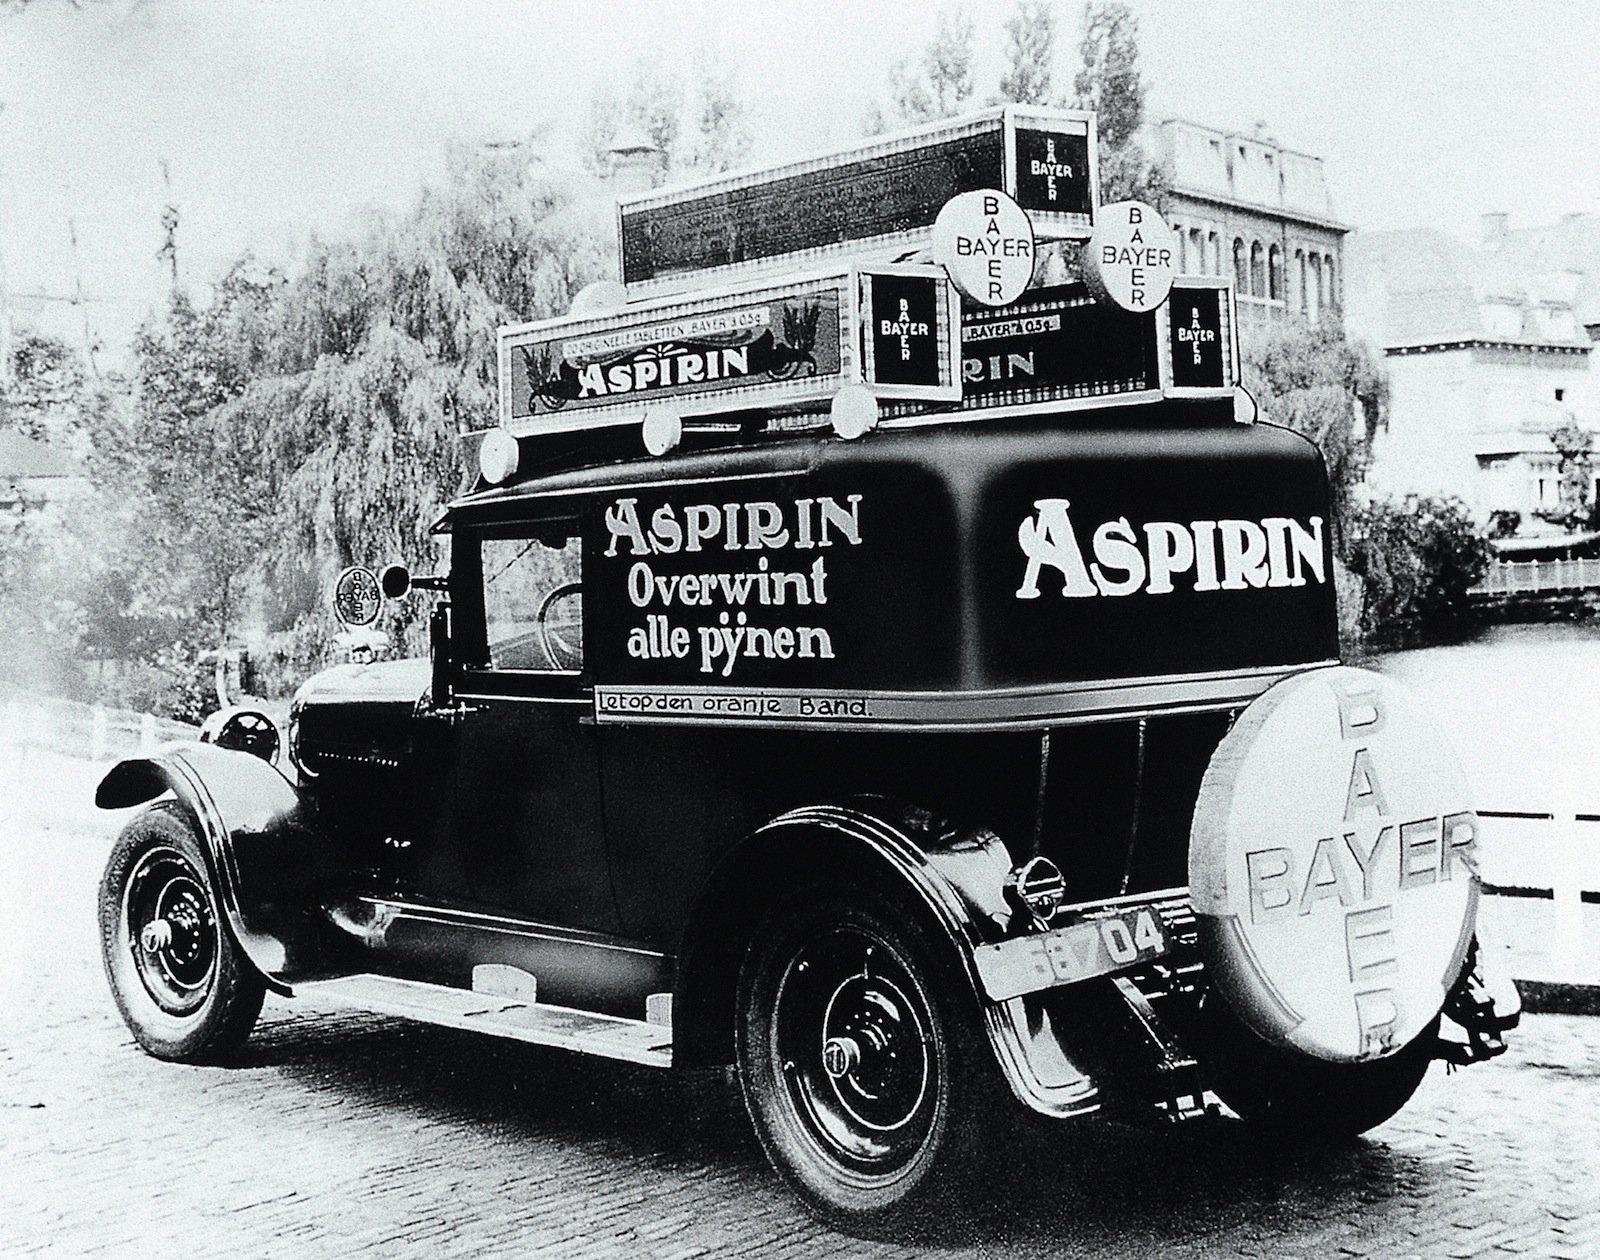 Allein das rezeptfreie Schmerzmittel Aspirin spülte im vergangenen Jahr 460 Milliarden Euro in die Bayer-Kasse.